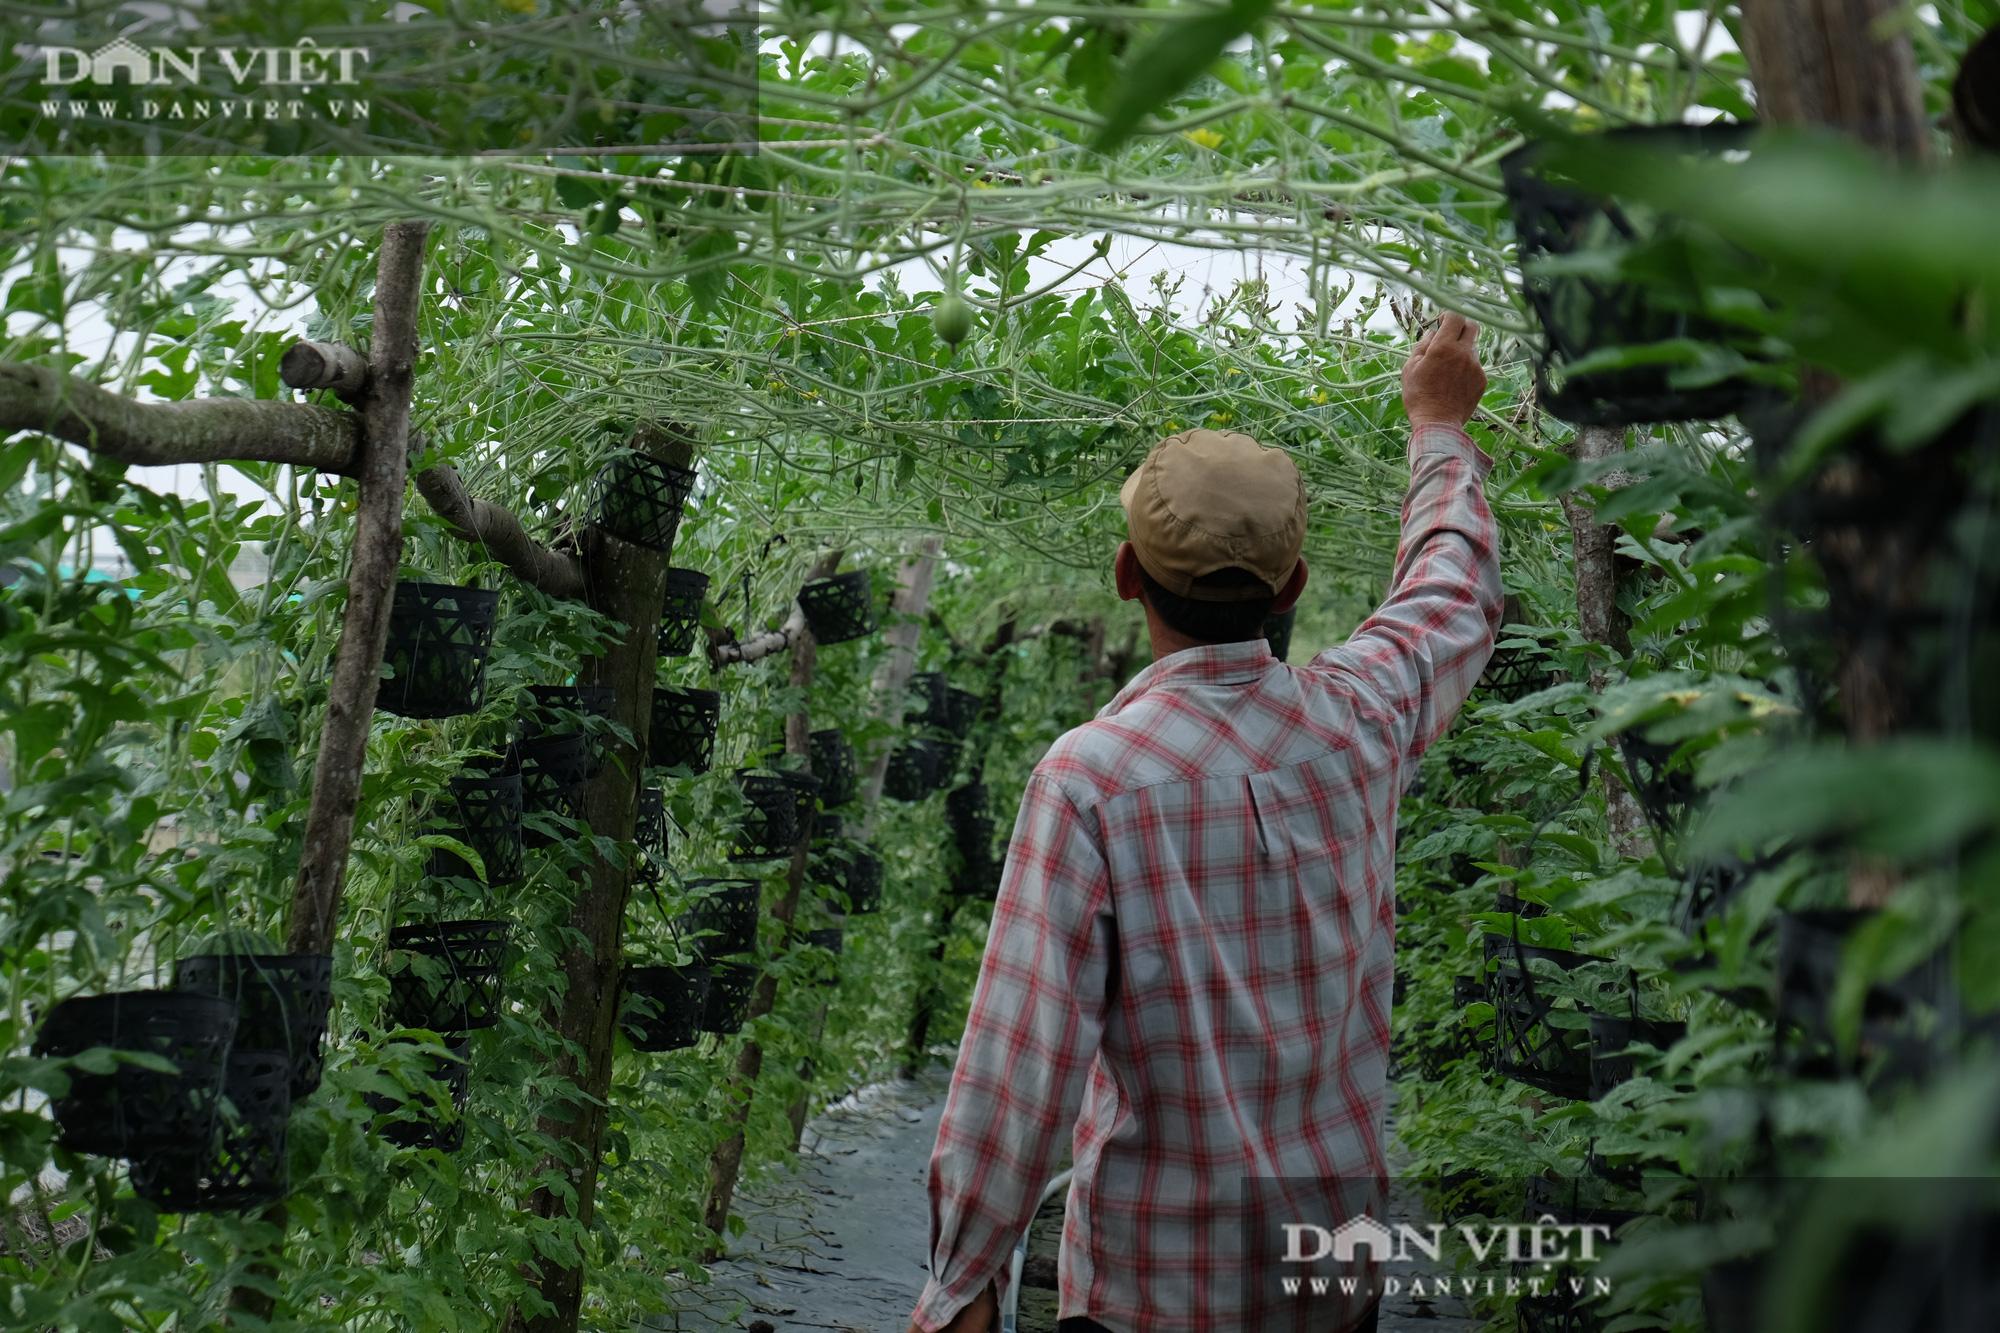 Trồng dưa hấu kiểu lạ, khách chỉ đến ăn tại vườn thu nửa tỷ mỗi năm - Ảnh 4.